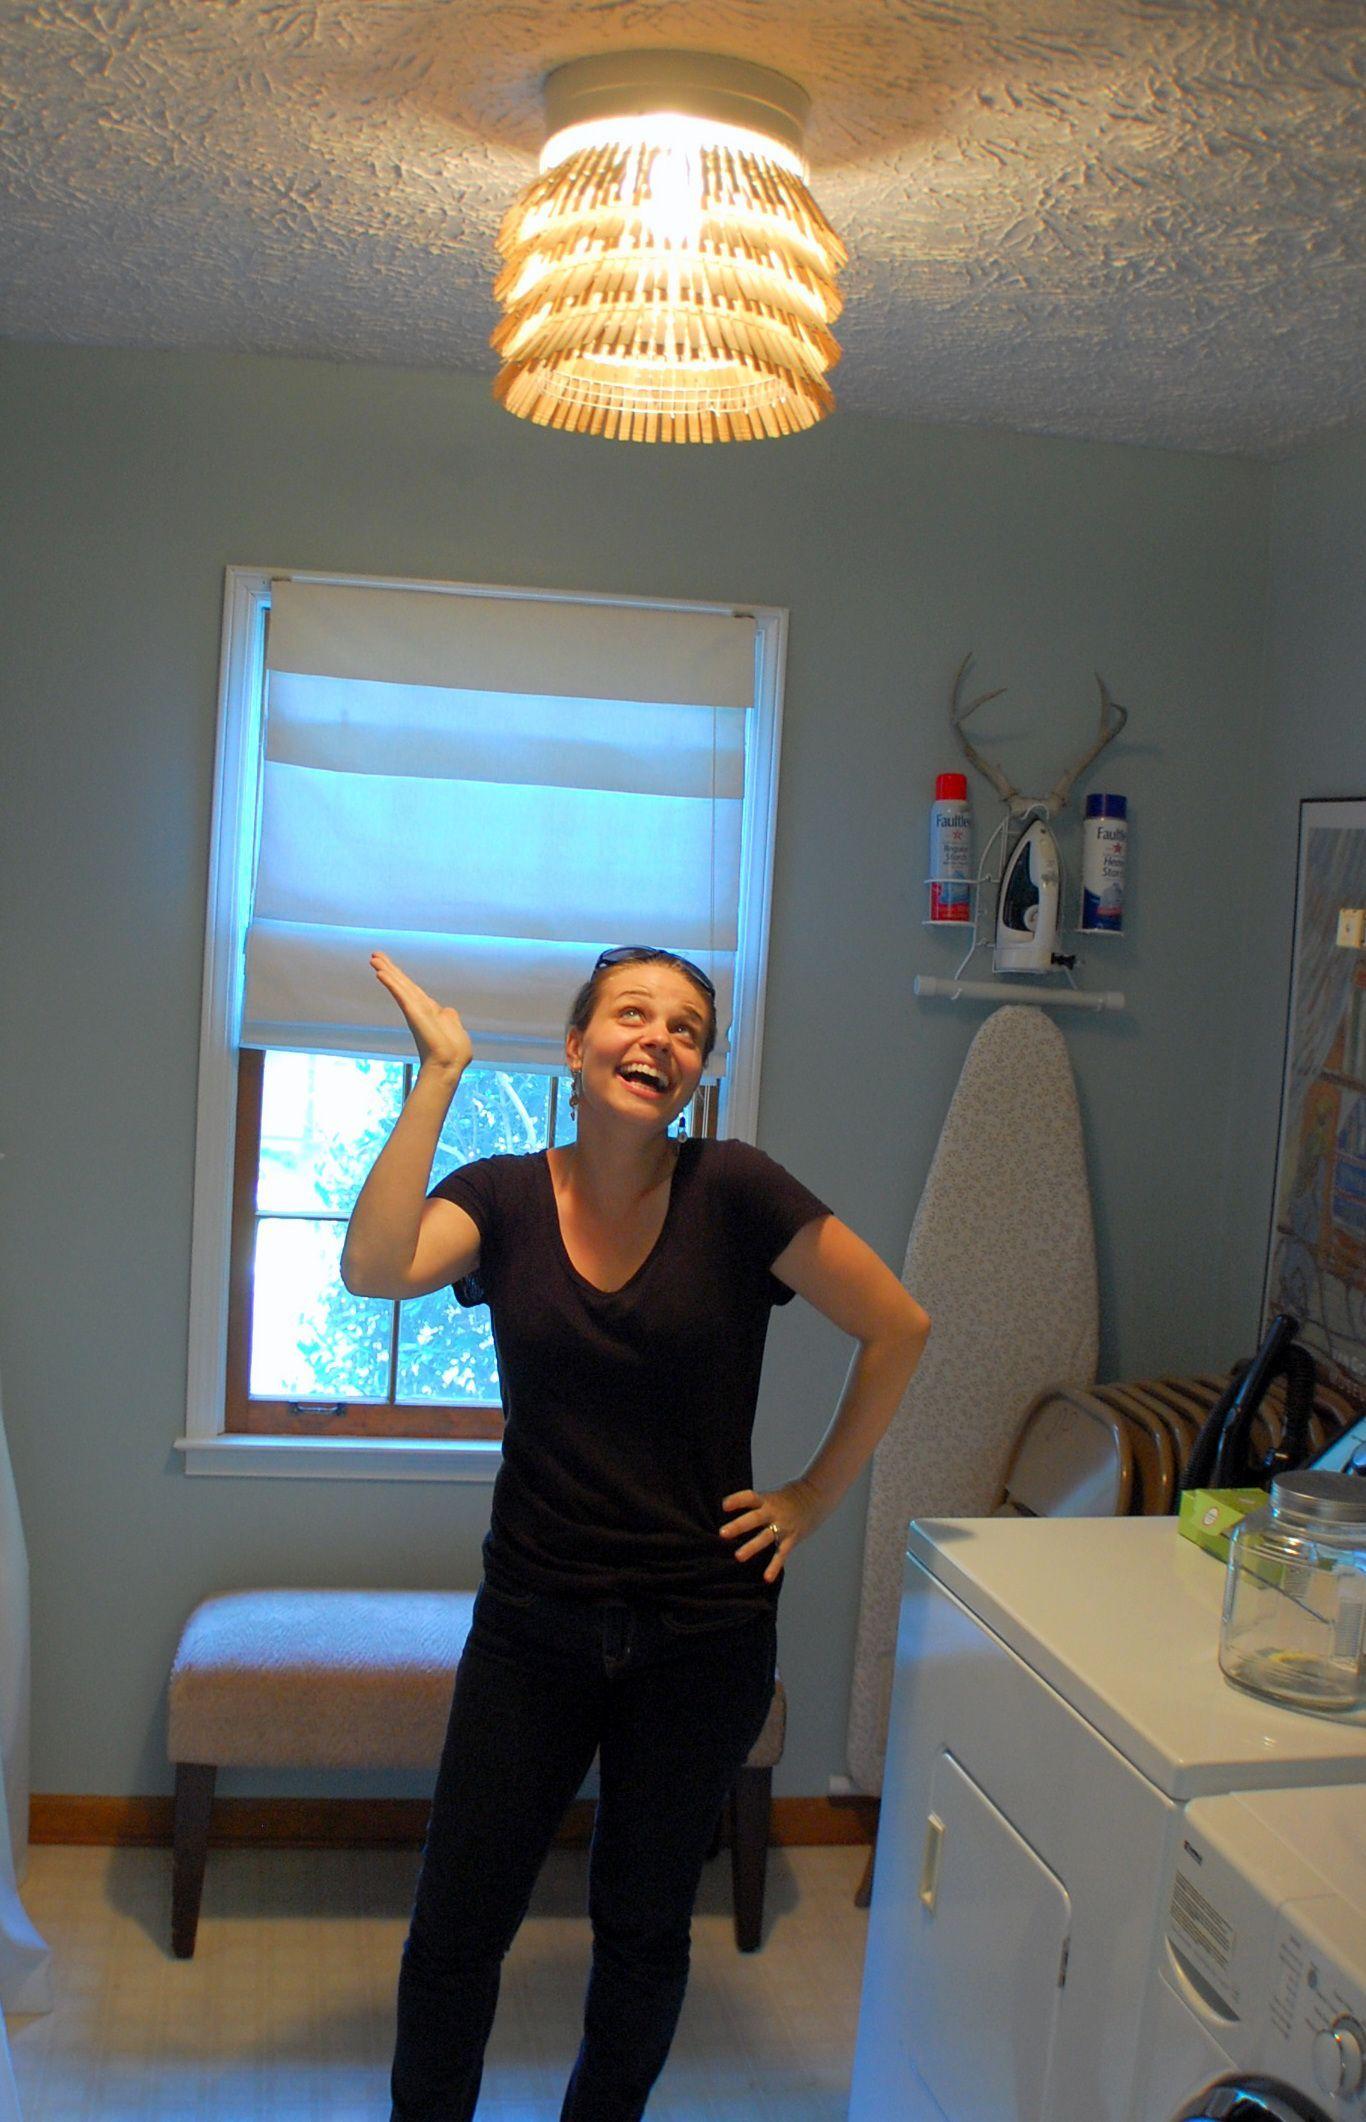 Best Lighting For Laundry Room « Duwet  Cool lighting, Laundry